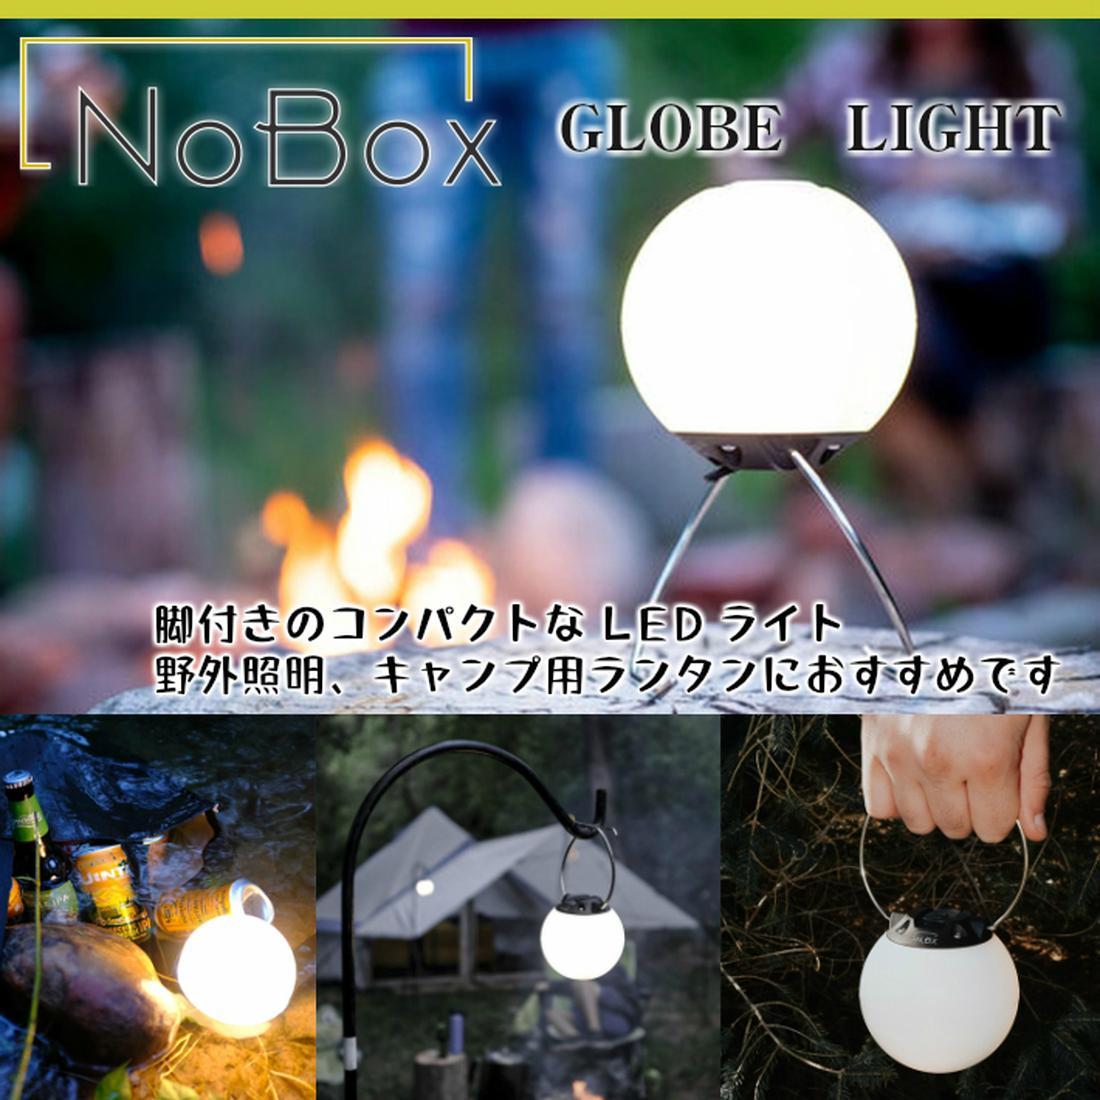 ノーボックス グローブライト 懐中電灯  国内正規品